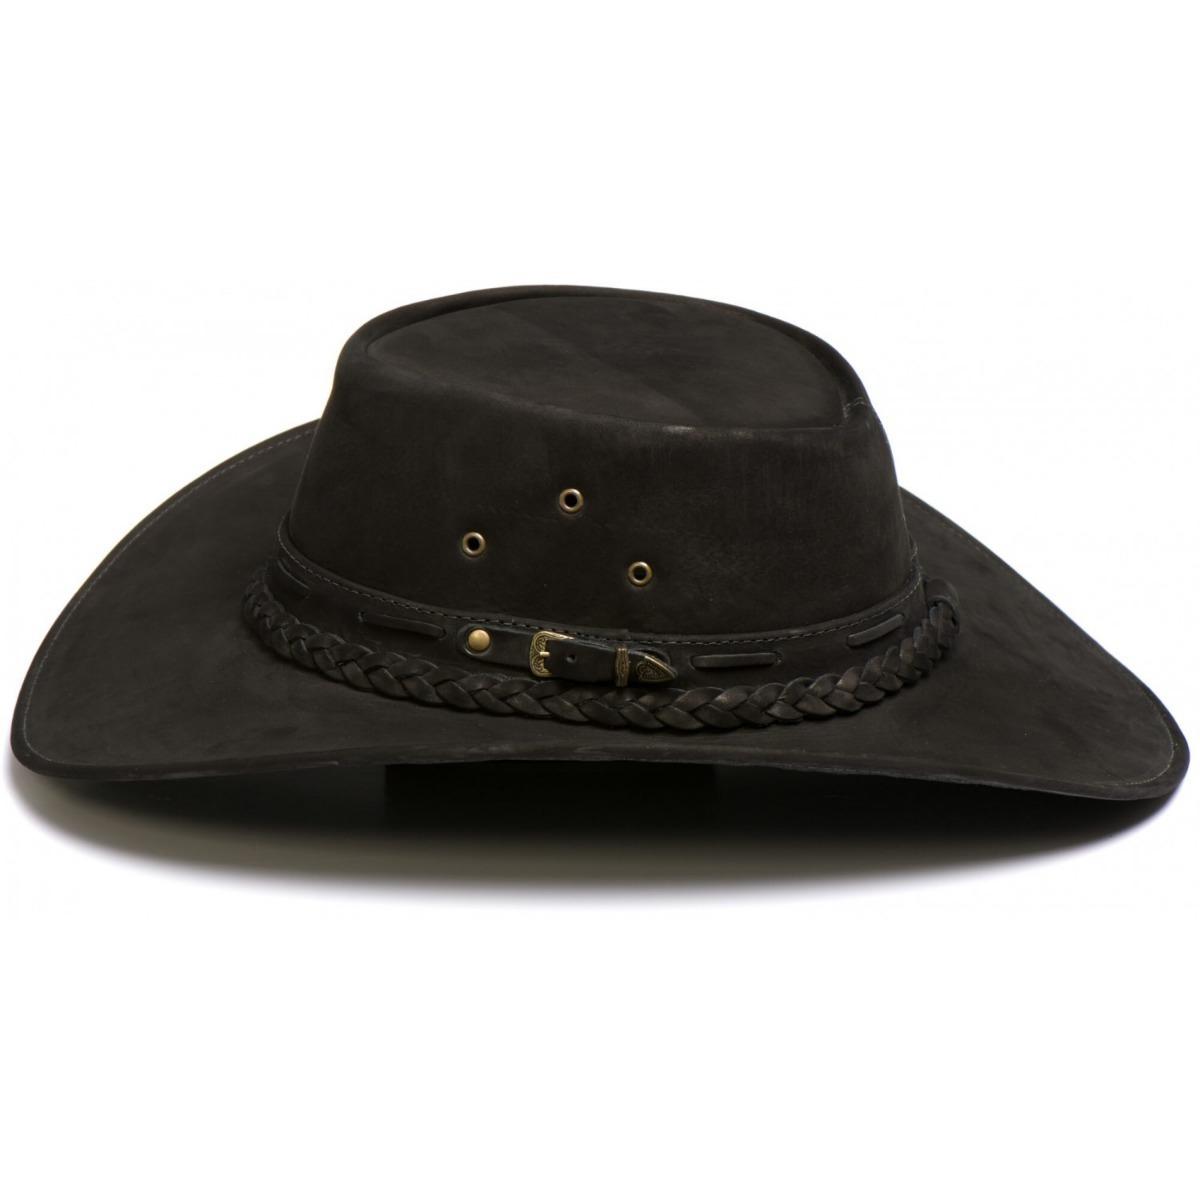 chapéu country aba larga couro legitimo preto frete grátis. Carregando zoom. 5edef05b49d